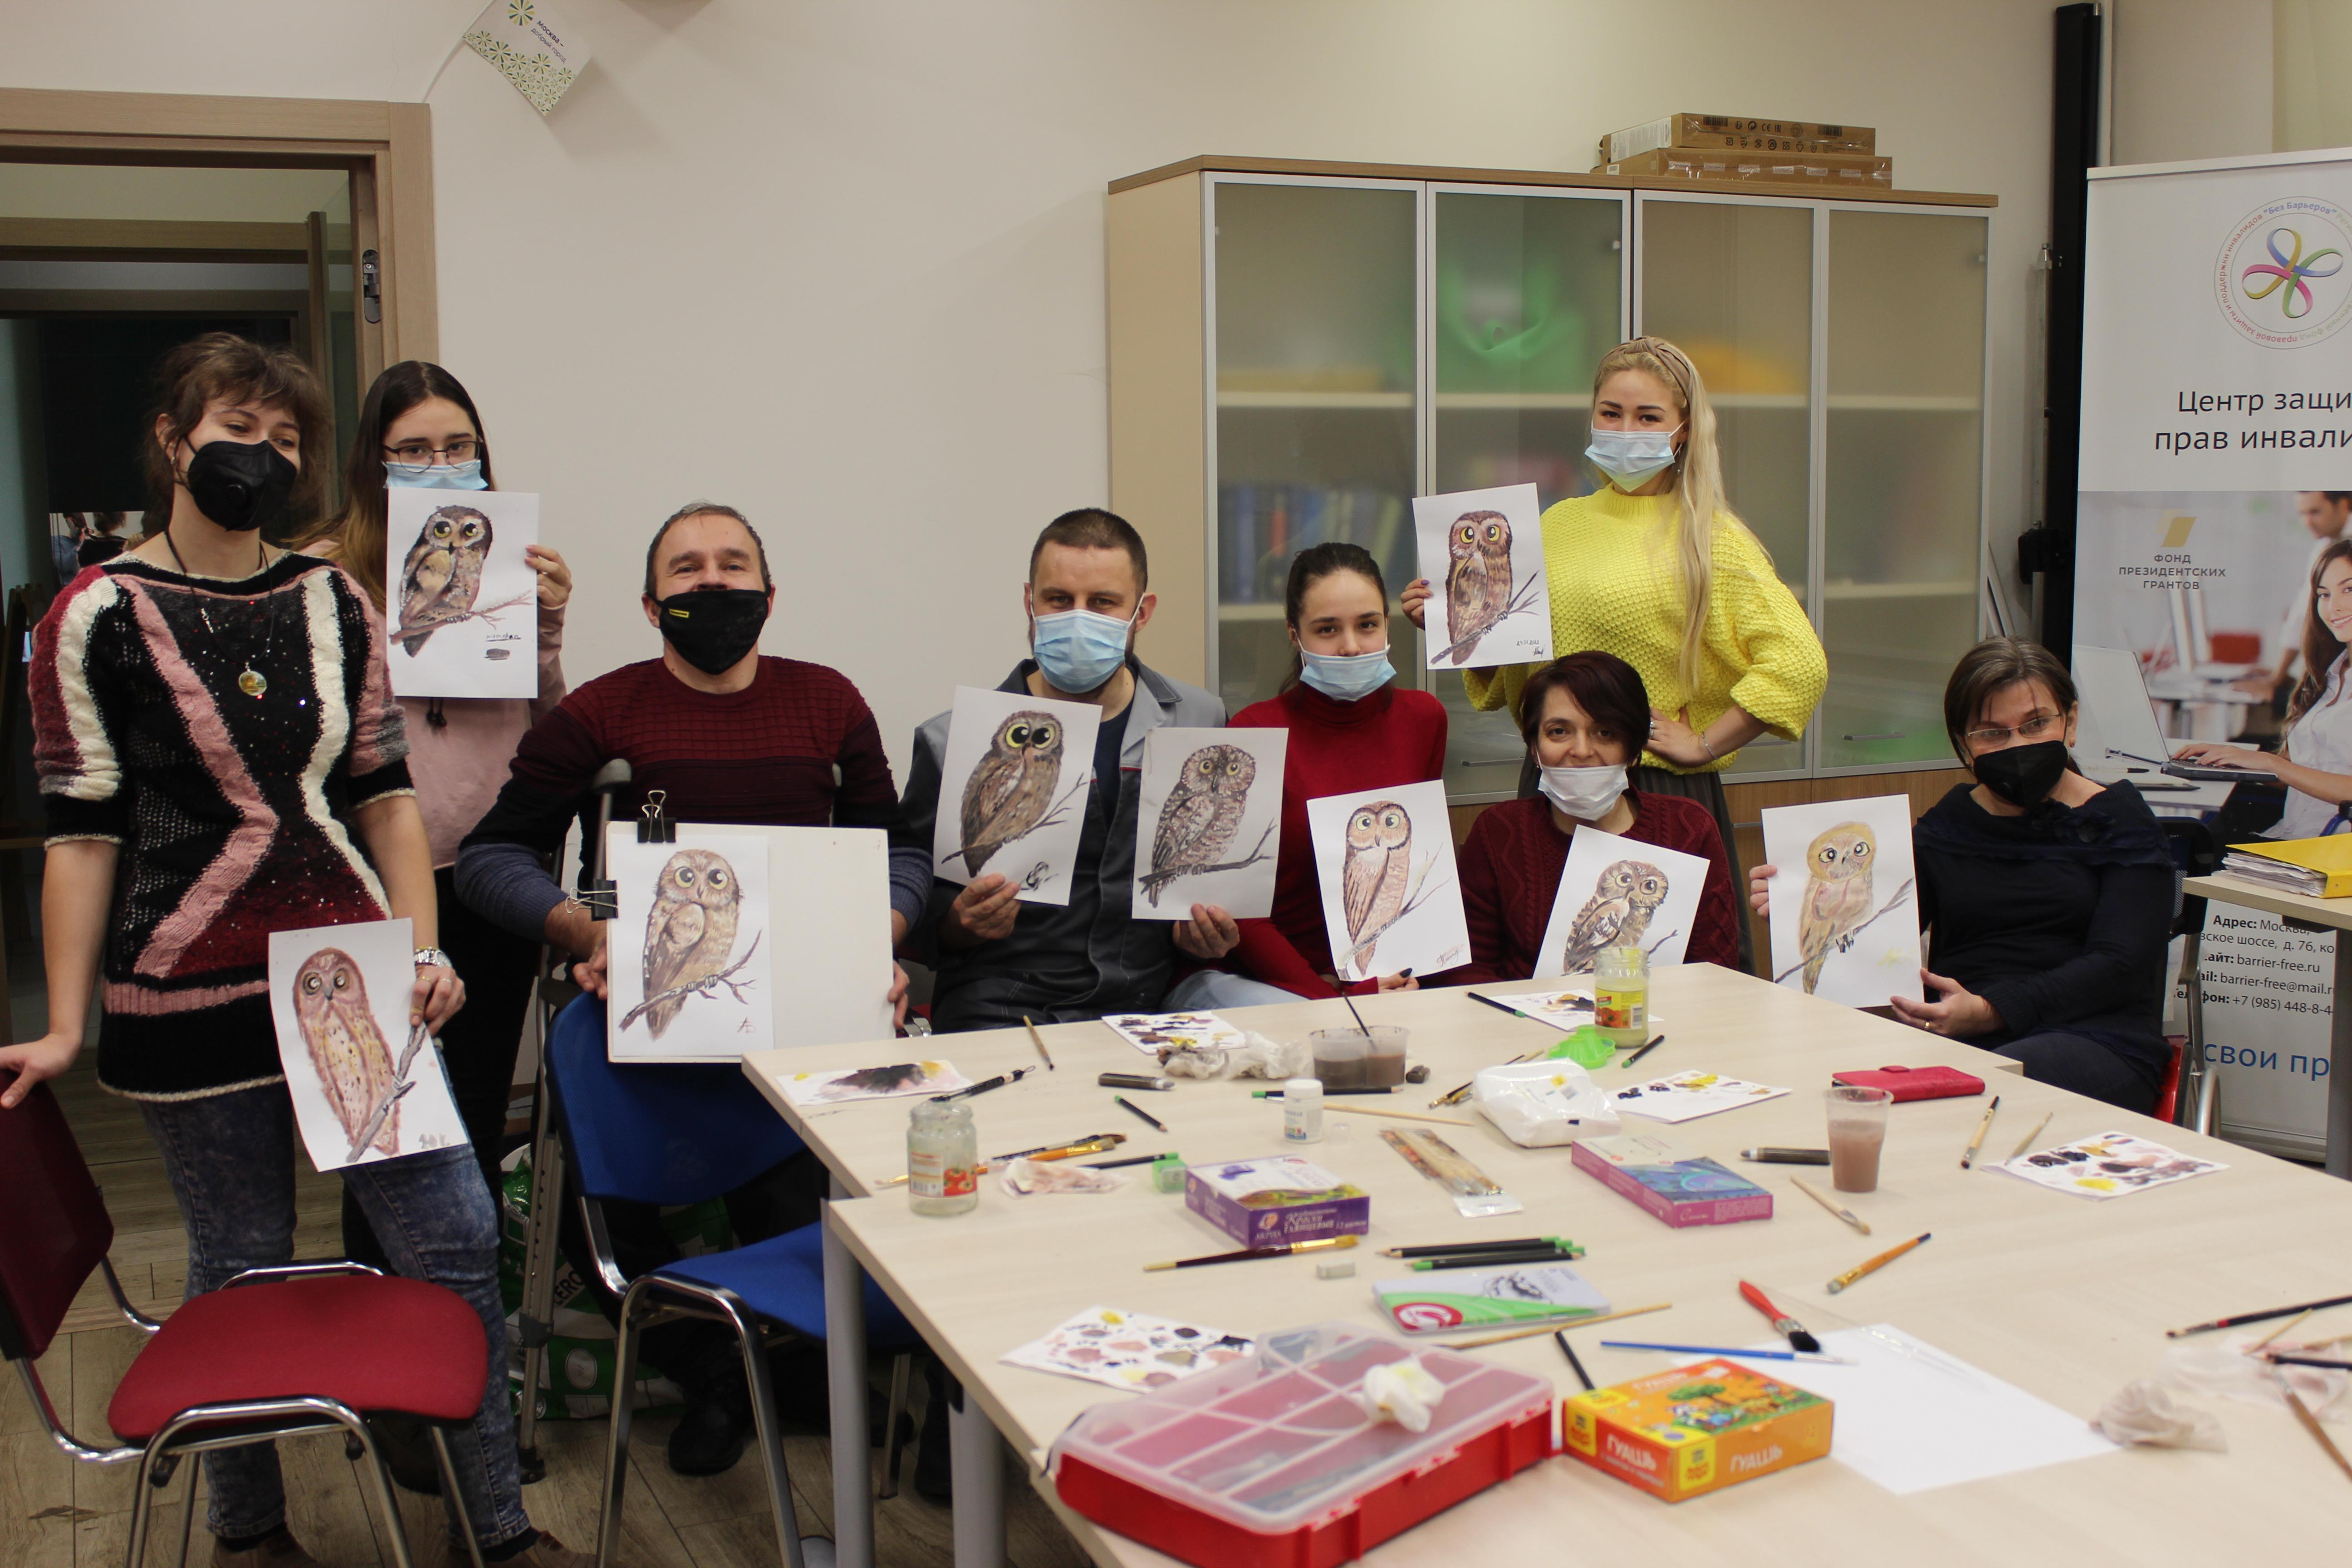 Жители юга посетили творческие мастер-классы